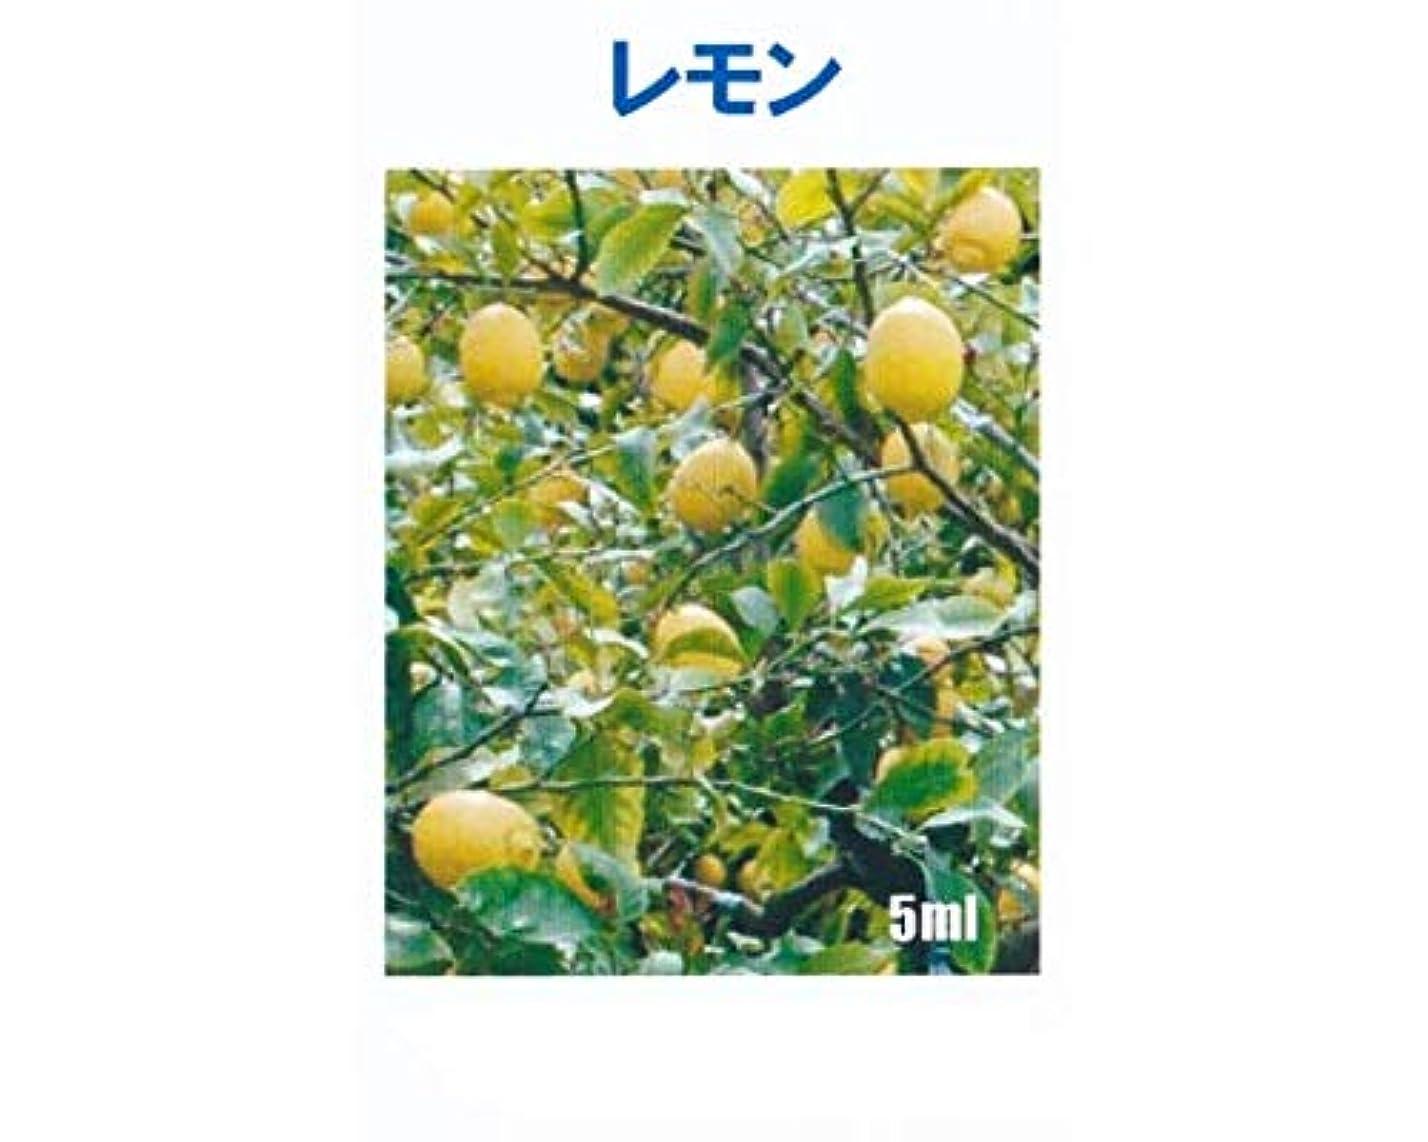 研磨債権者下るアロマオイル レモン 5ml エッセンシャルオイル 100%天然成分